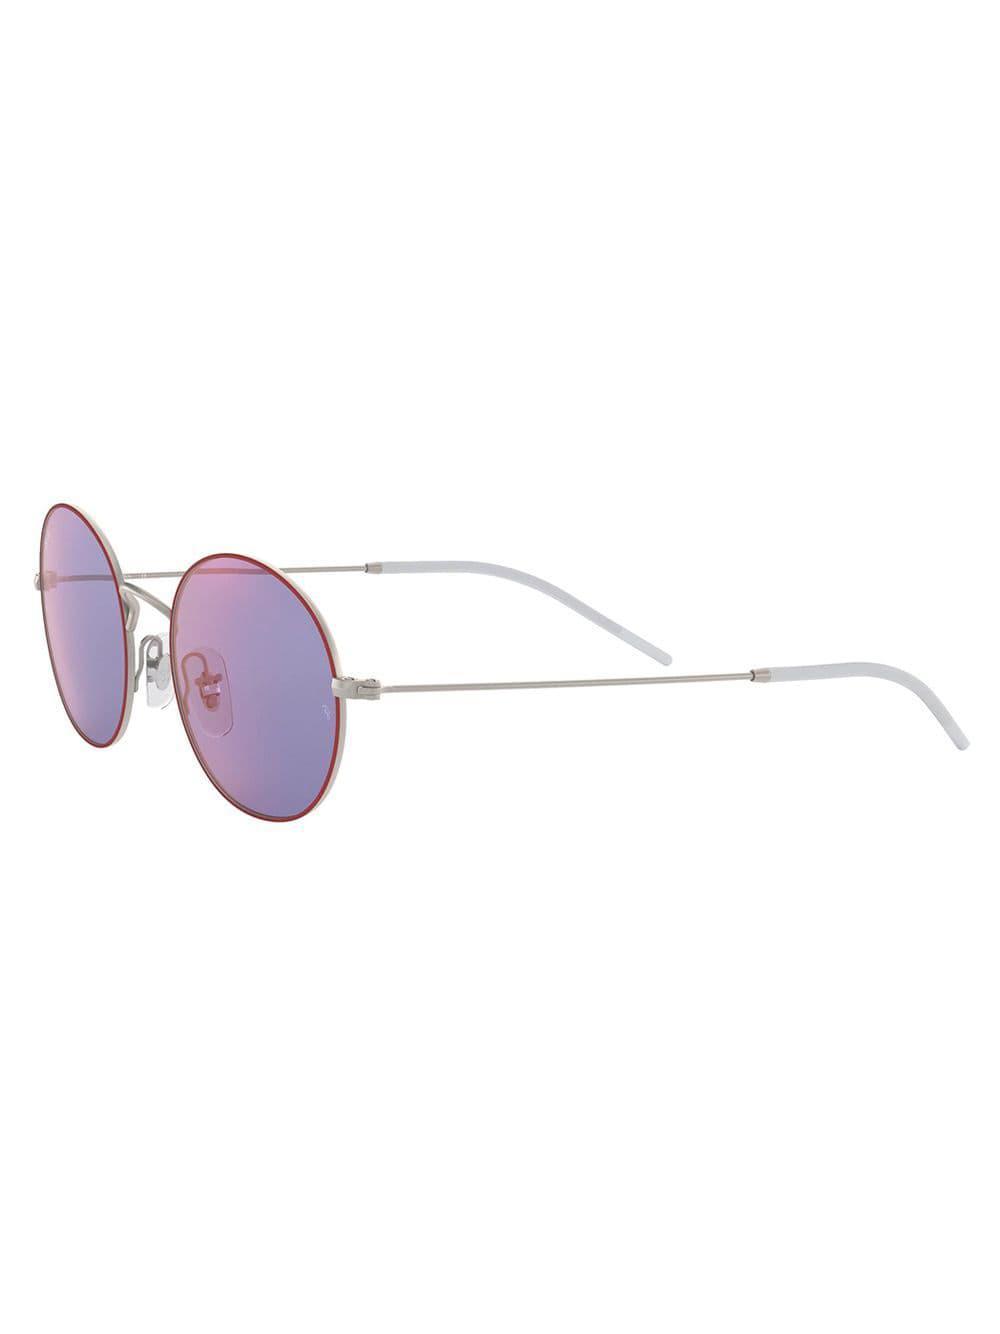 Ray-Ban - Multicolor Óculos De Sol Rb3594 - Lyst. View fullscreen 0e7fe42265